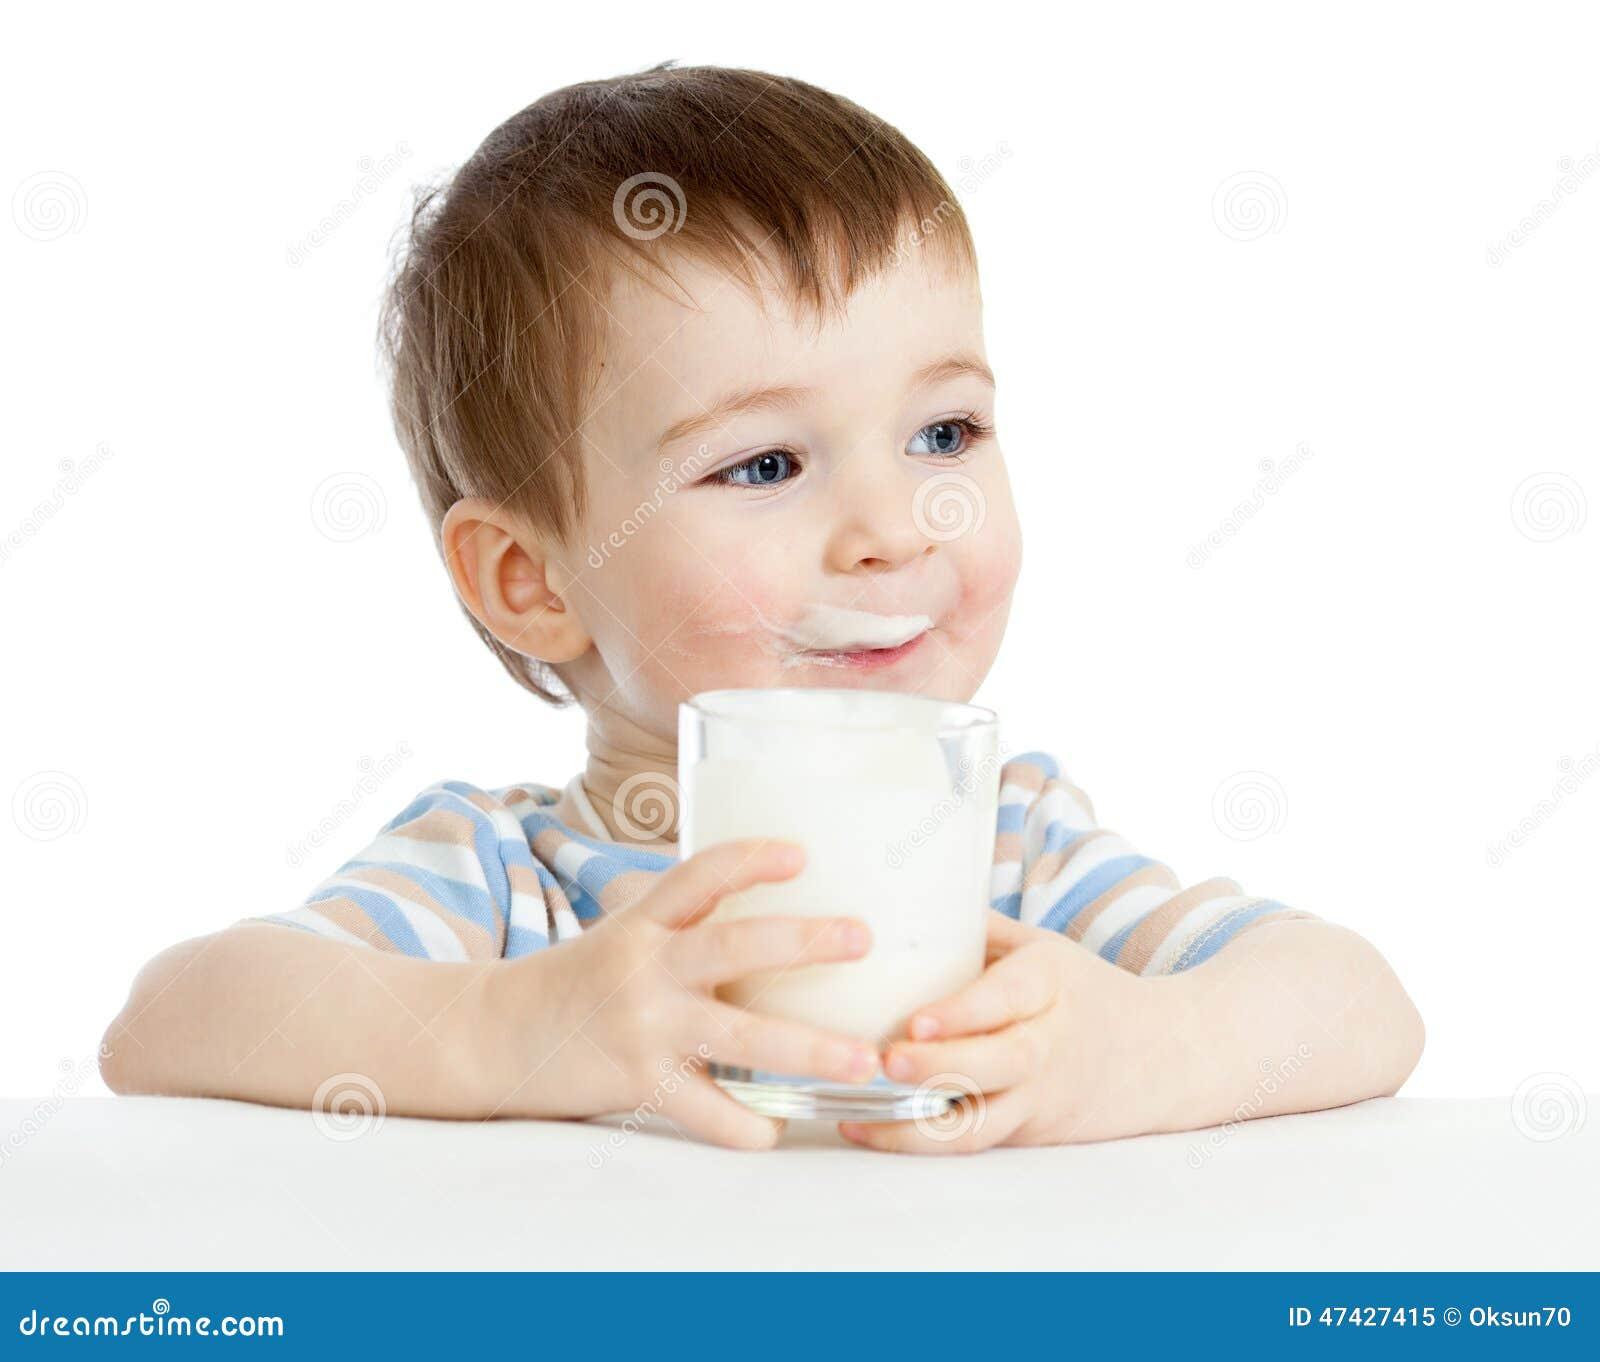 lait boisson d 39 enfant de verre photo stock image 47427415. Black Bedroom Furniture Sets. Home Design Ideas